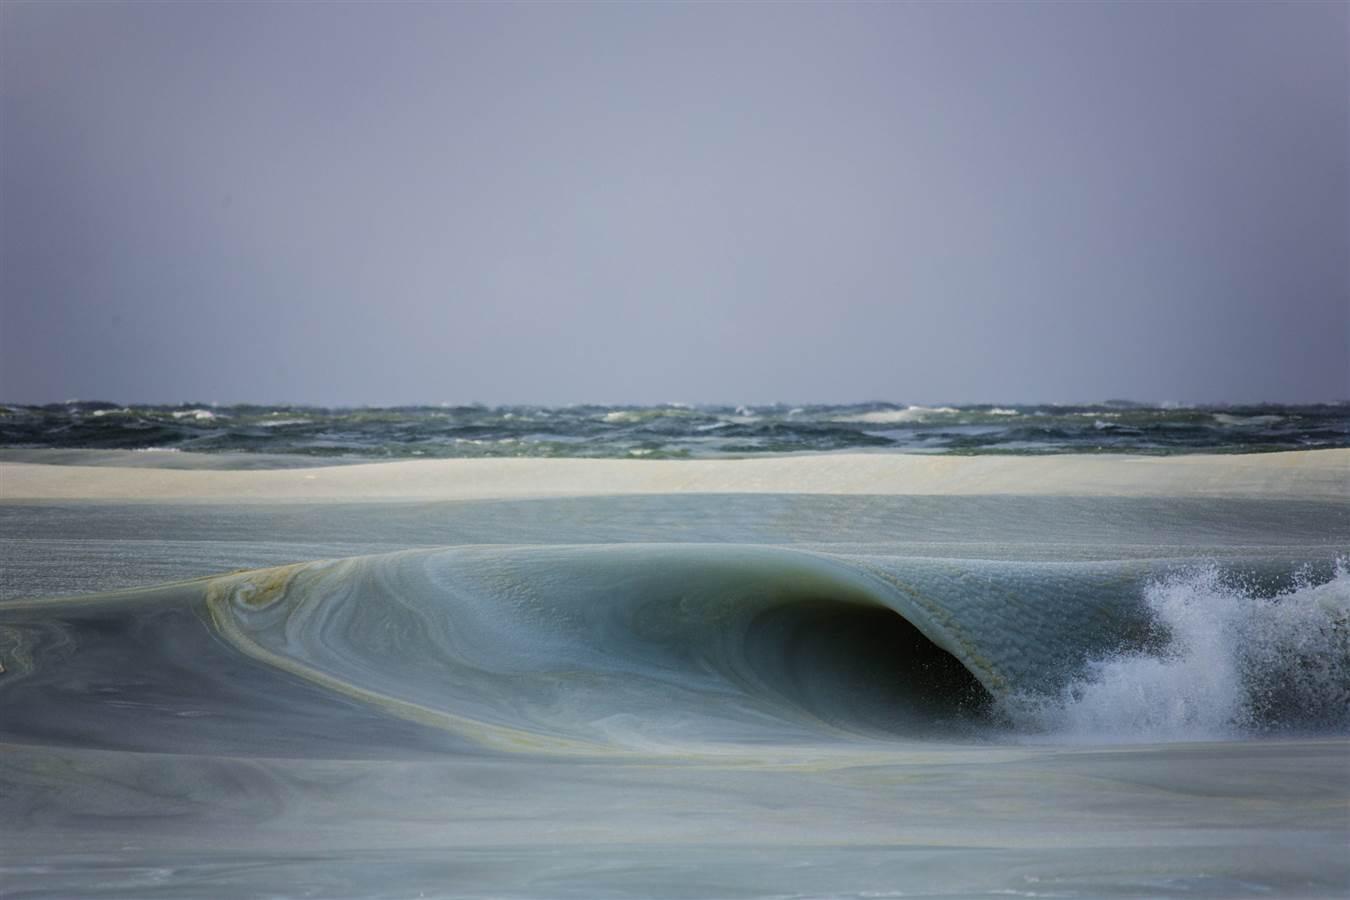 ondas congeladas nos EUA, imagem de ondas congeladas